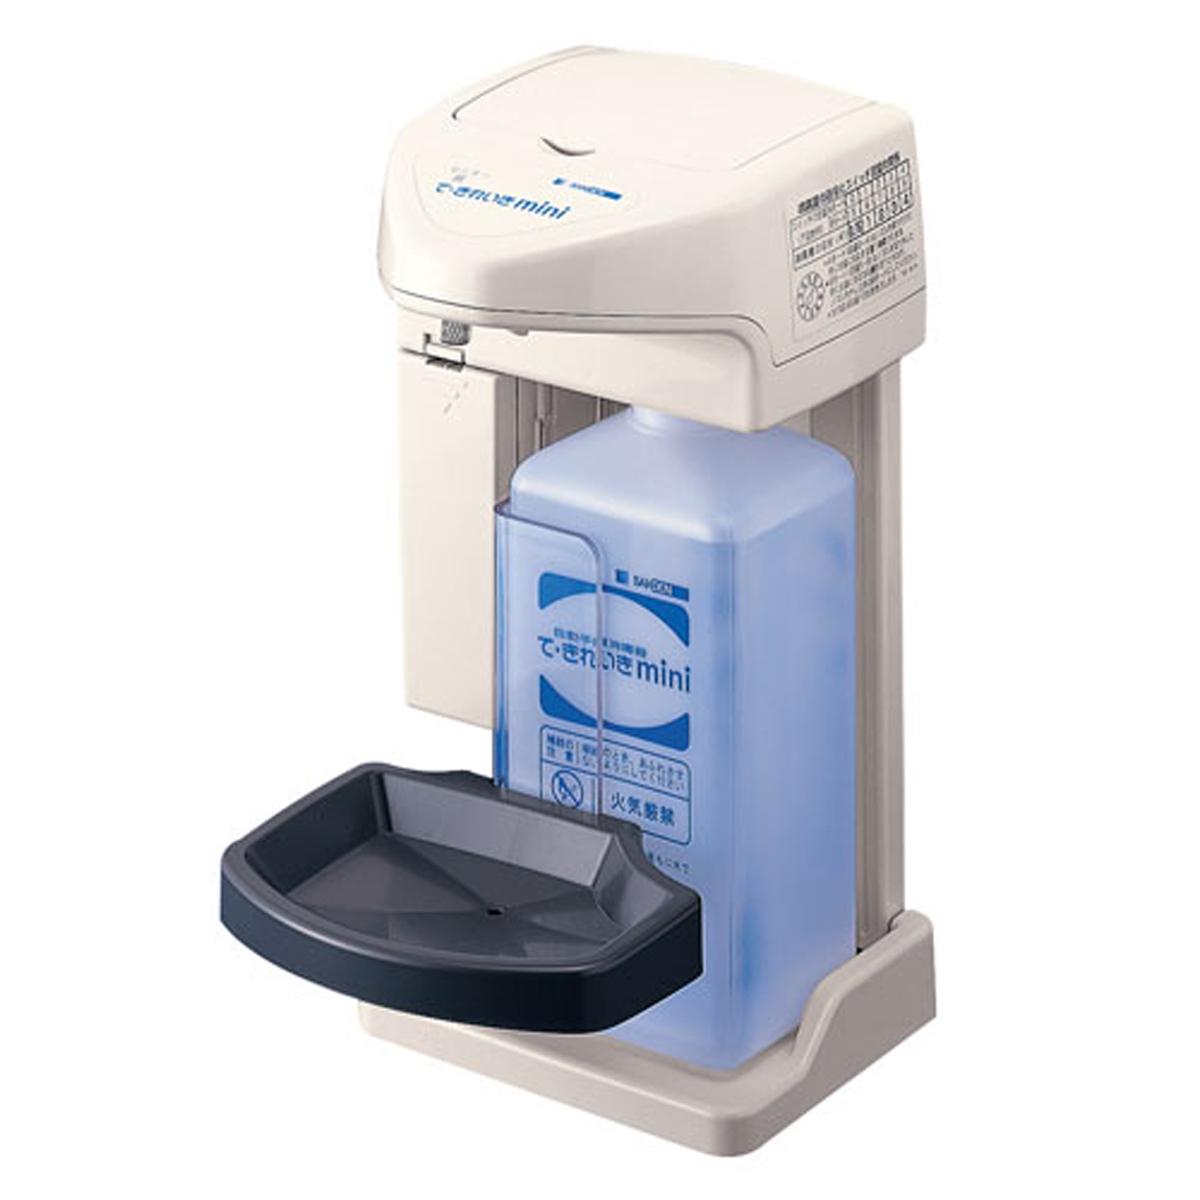 自動手指消毒器 て・きれいきMINI TEK-M1B-2 6-1290-0601【厨房用品 清掃用品 トイレ用品 手洗い 消毒 業務用 販売 通販】[10P03Dec16]